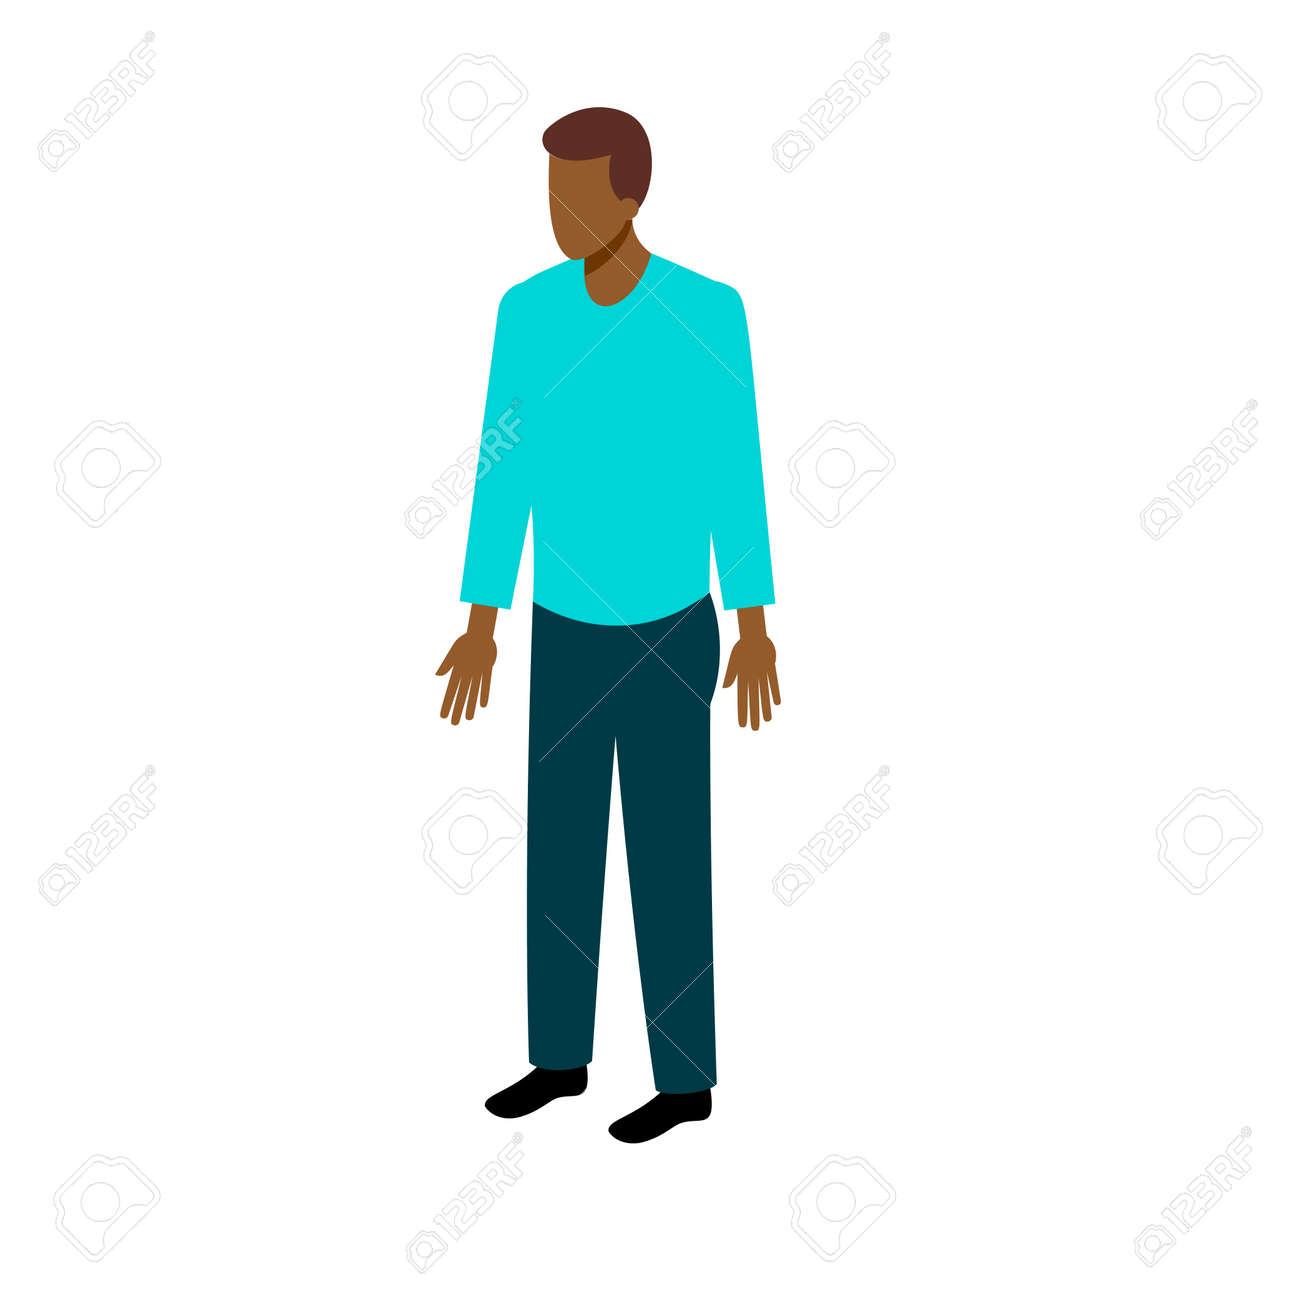 2f274702688 Foto de archivo - Hombre afroamericano en ropa casual de pie de cara  completa. Stock isométricos de estilo juegos